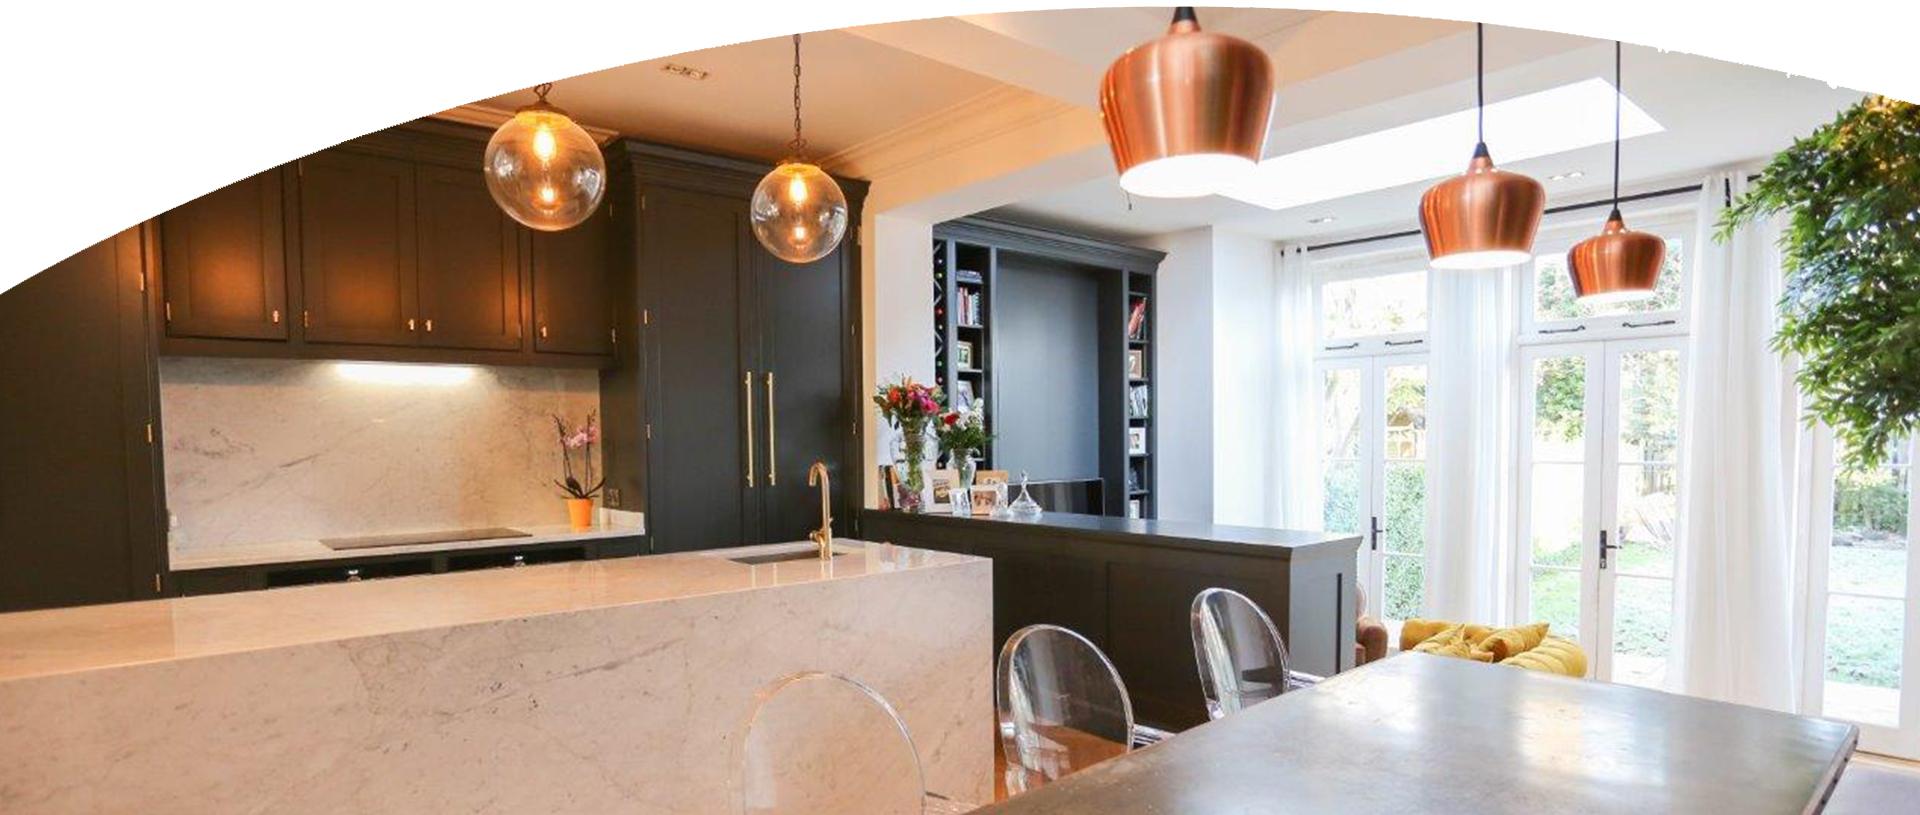 Beautifully classic kitchen